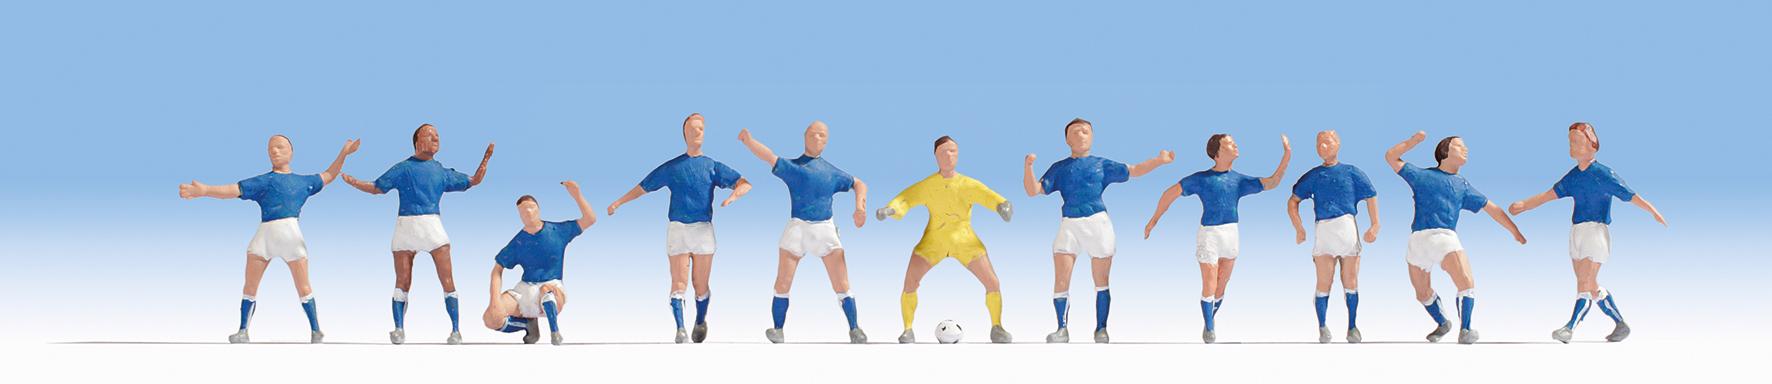 Fußballteam Italien